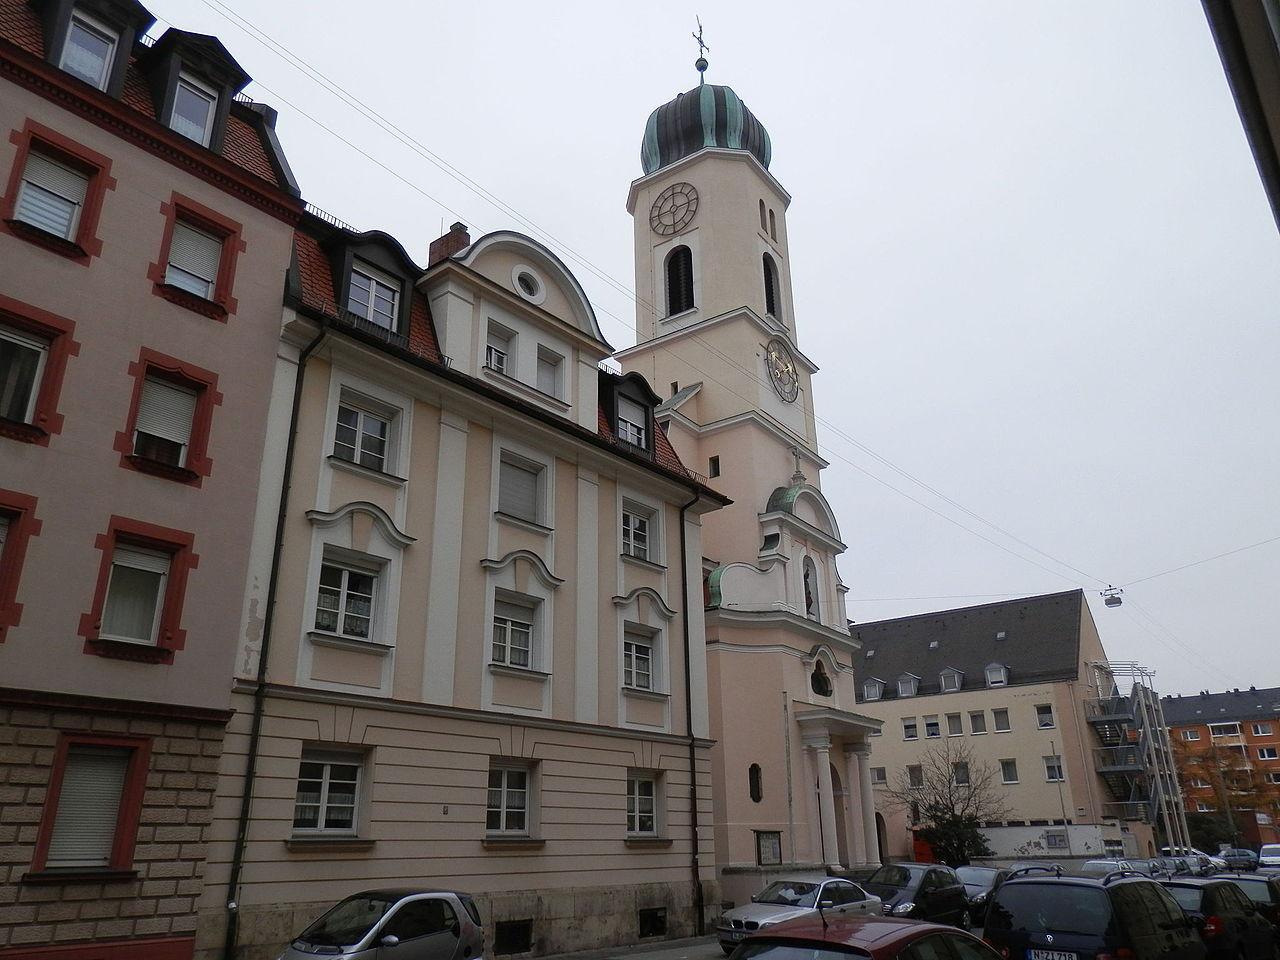 Bild Kirche St. Michael Nürnberg